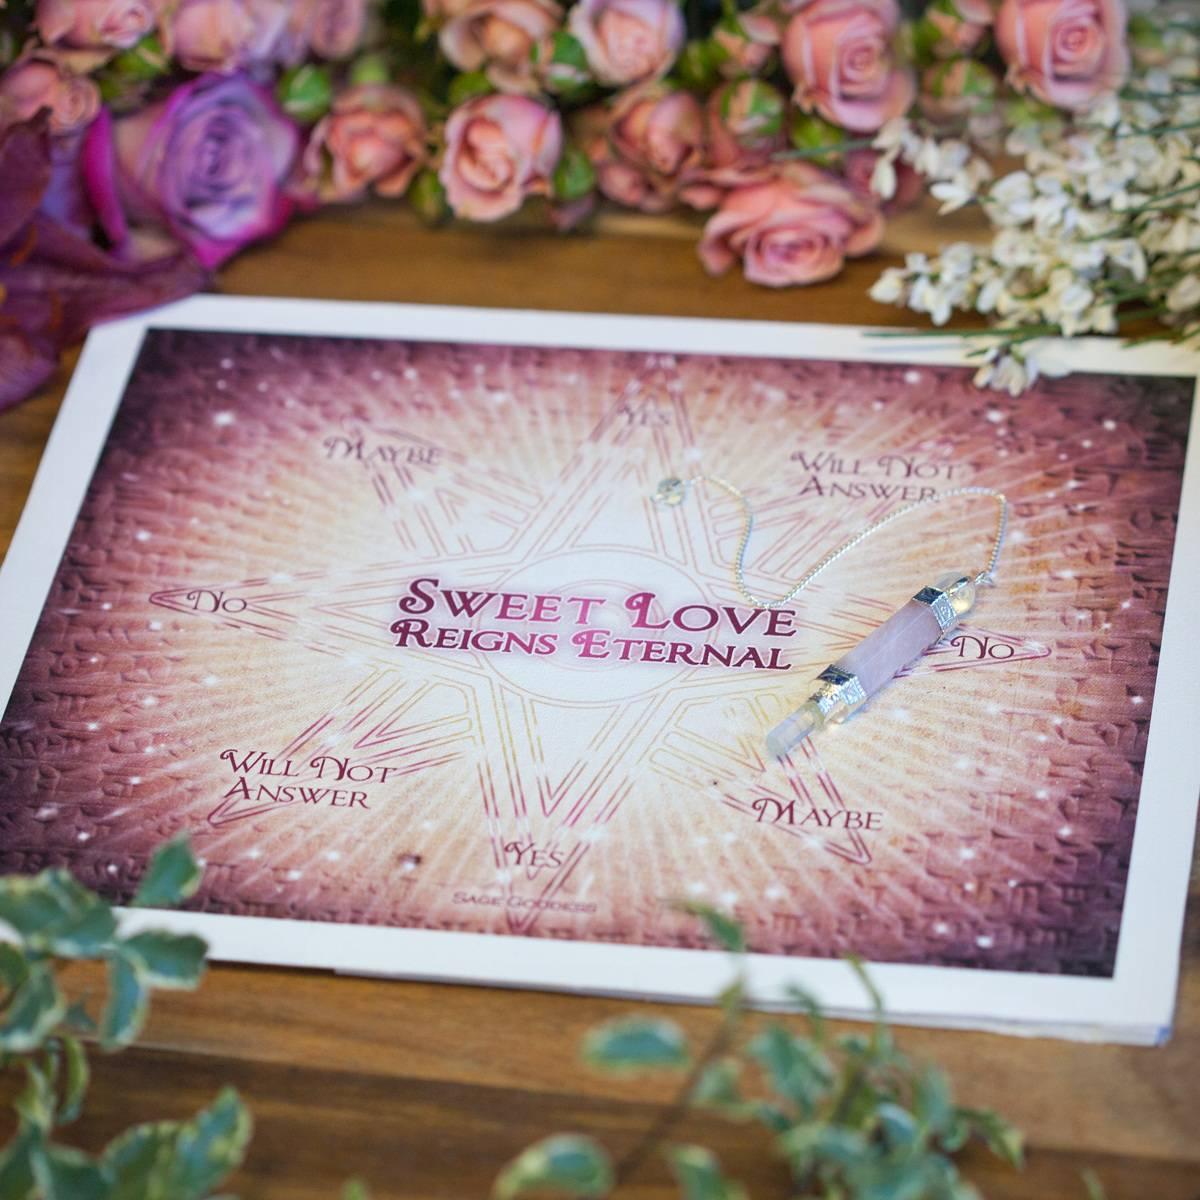 Sweet Love Reigns Eternal Pendulum Mat and Rose Quartz Pendulum 1_23